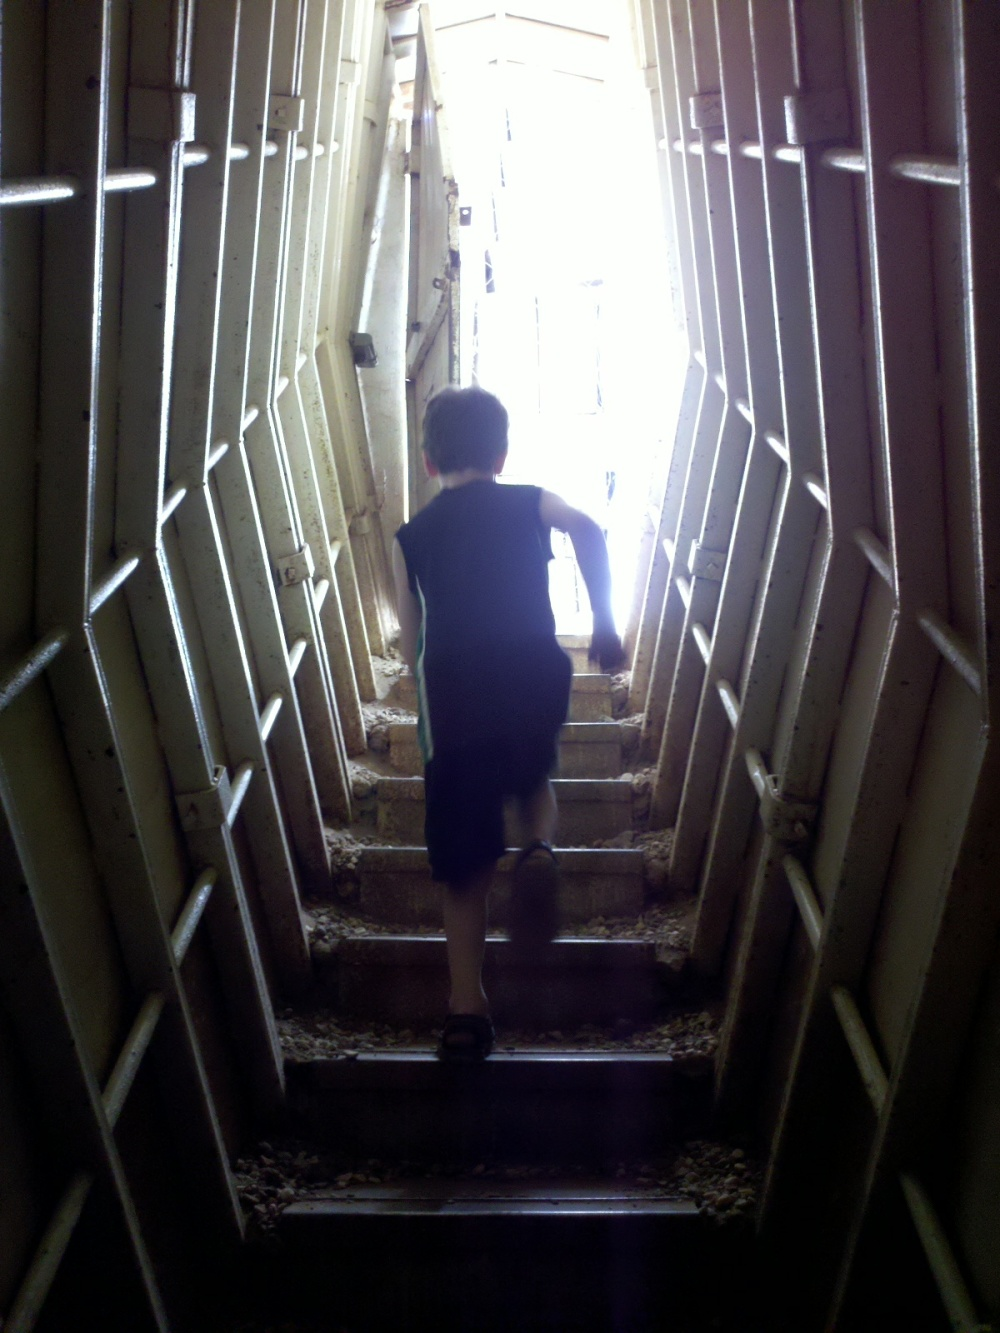 Boy in Bunker